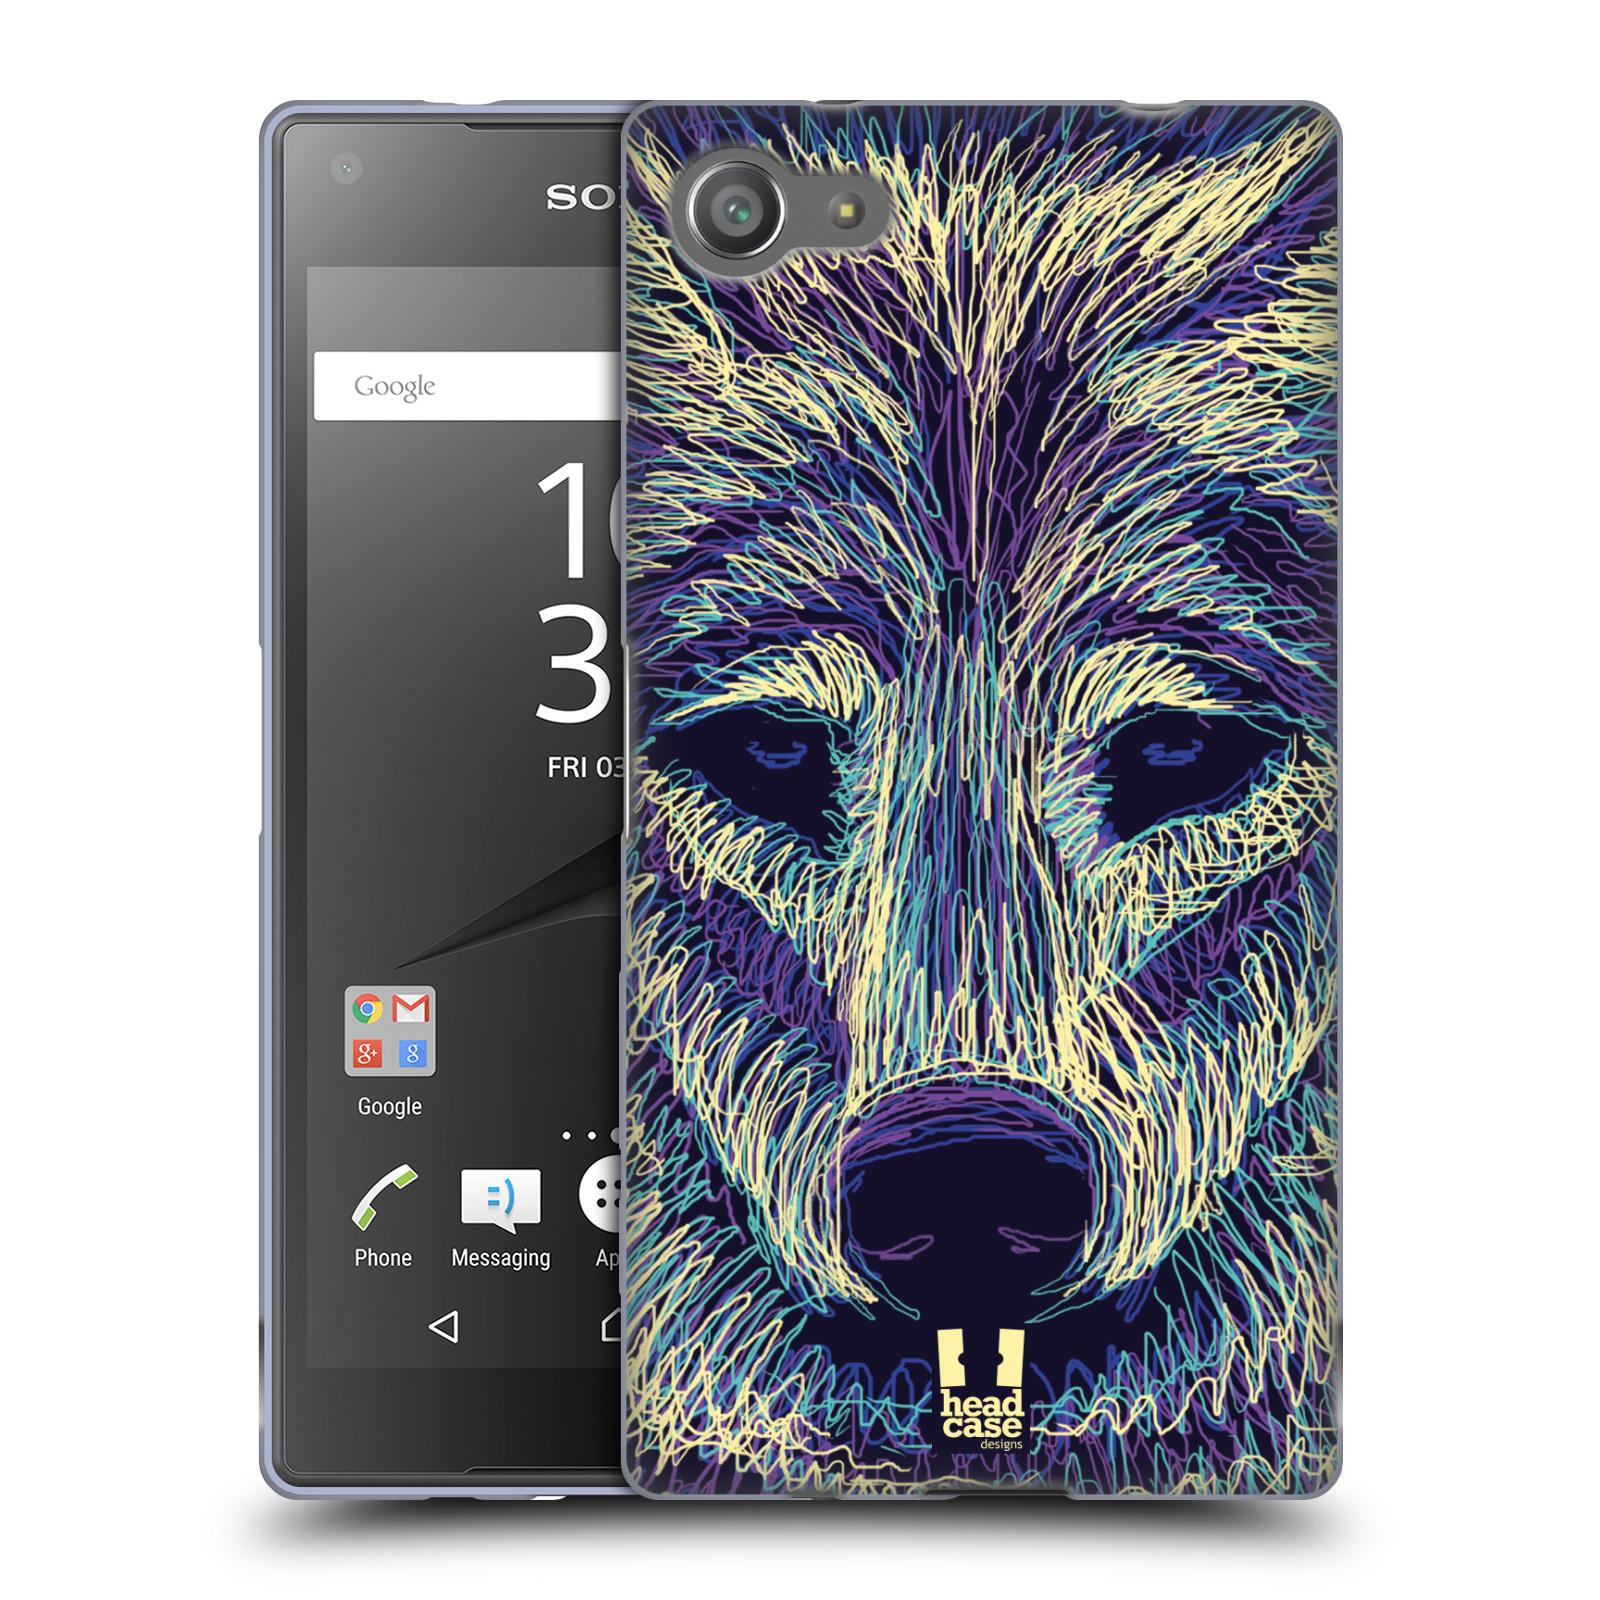 HEAD CASE silikonový obal na mobil Sony Xperia Z5 COMPACT vzor zvíře čmáranice vlk